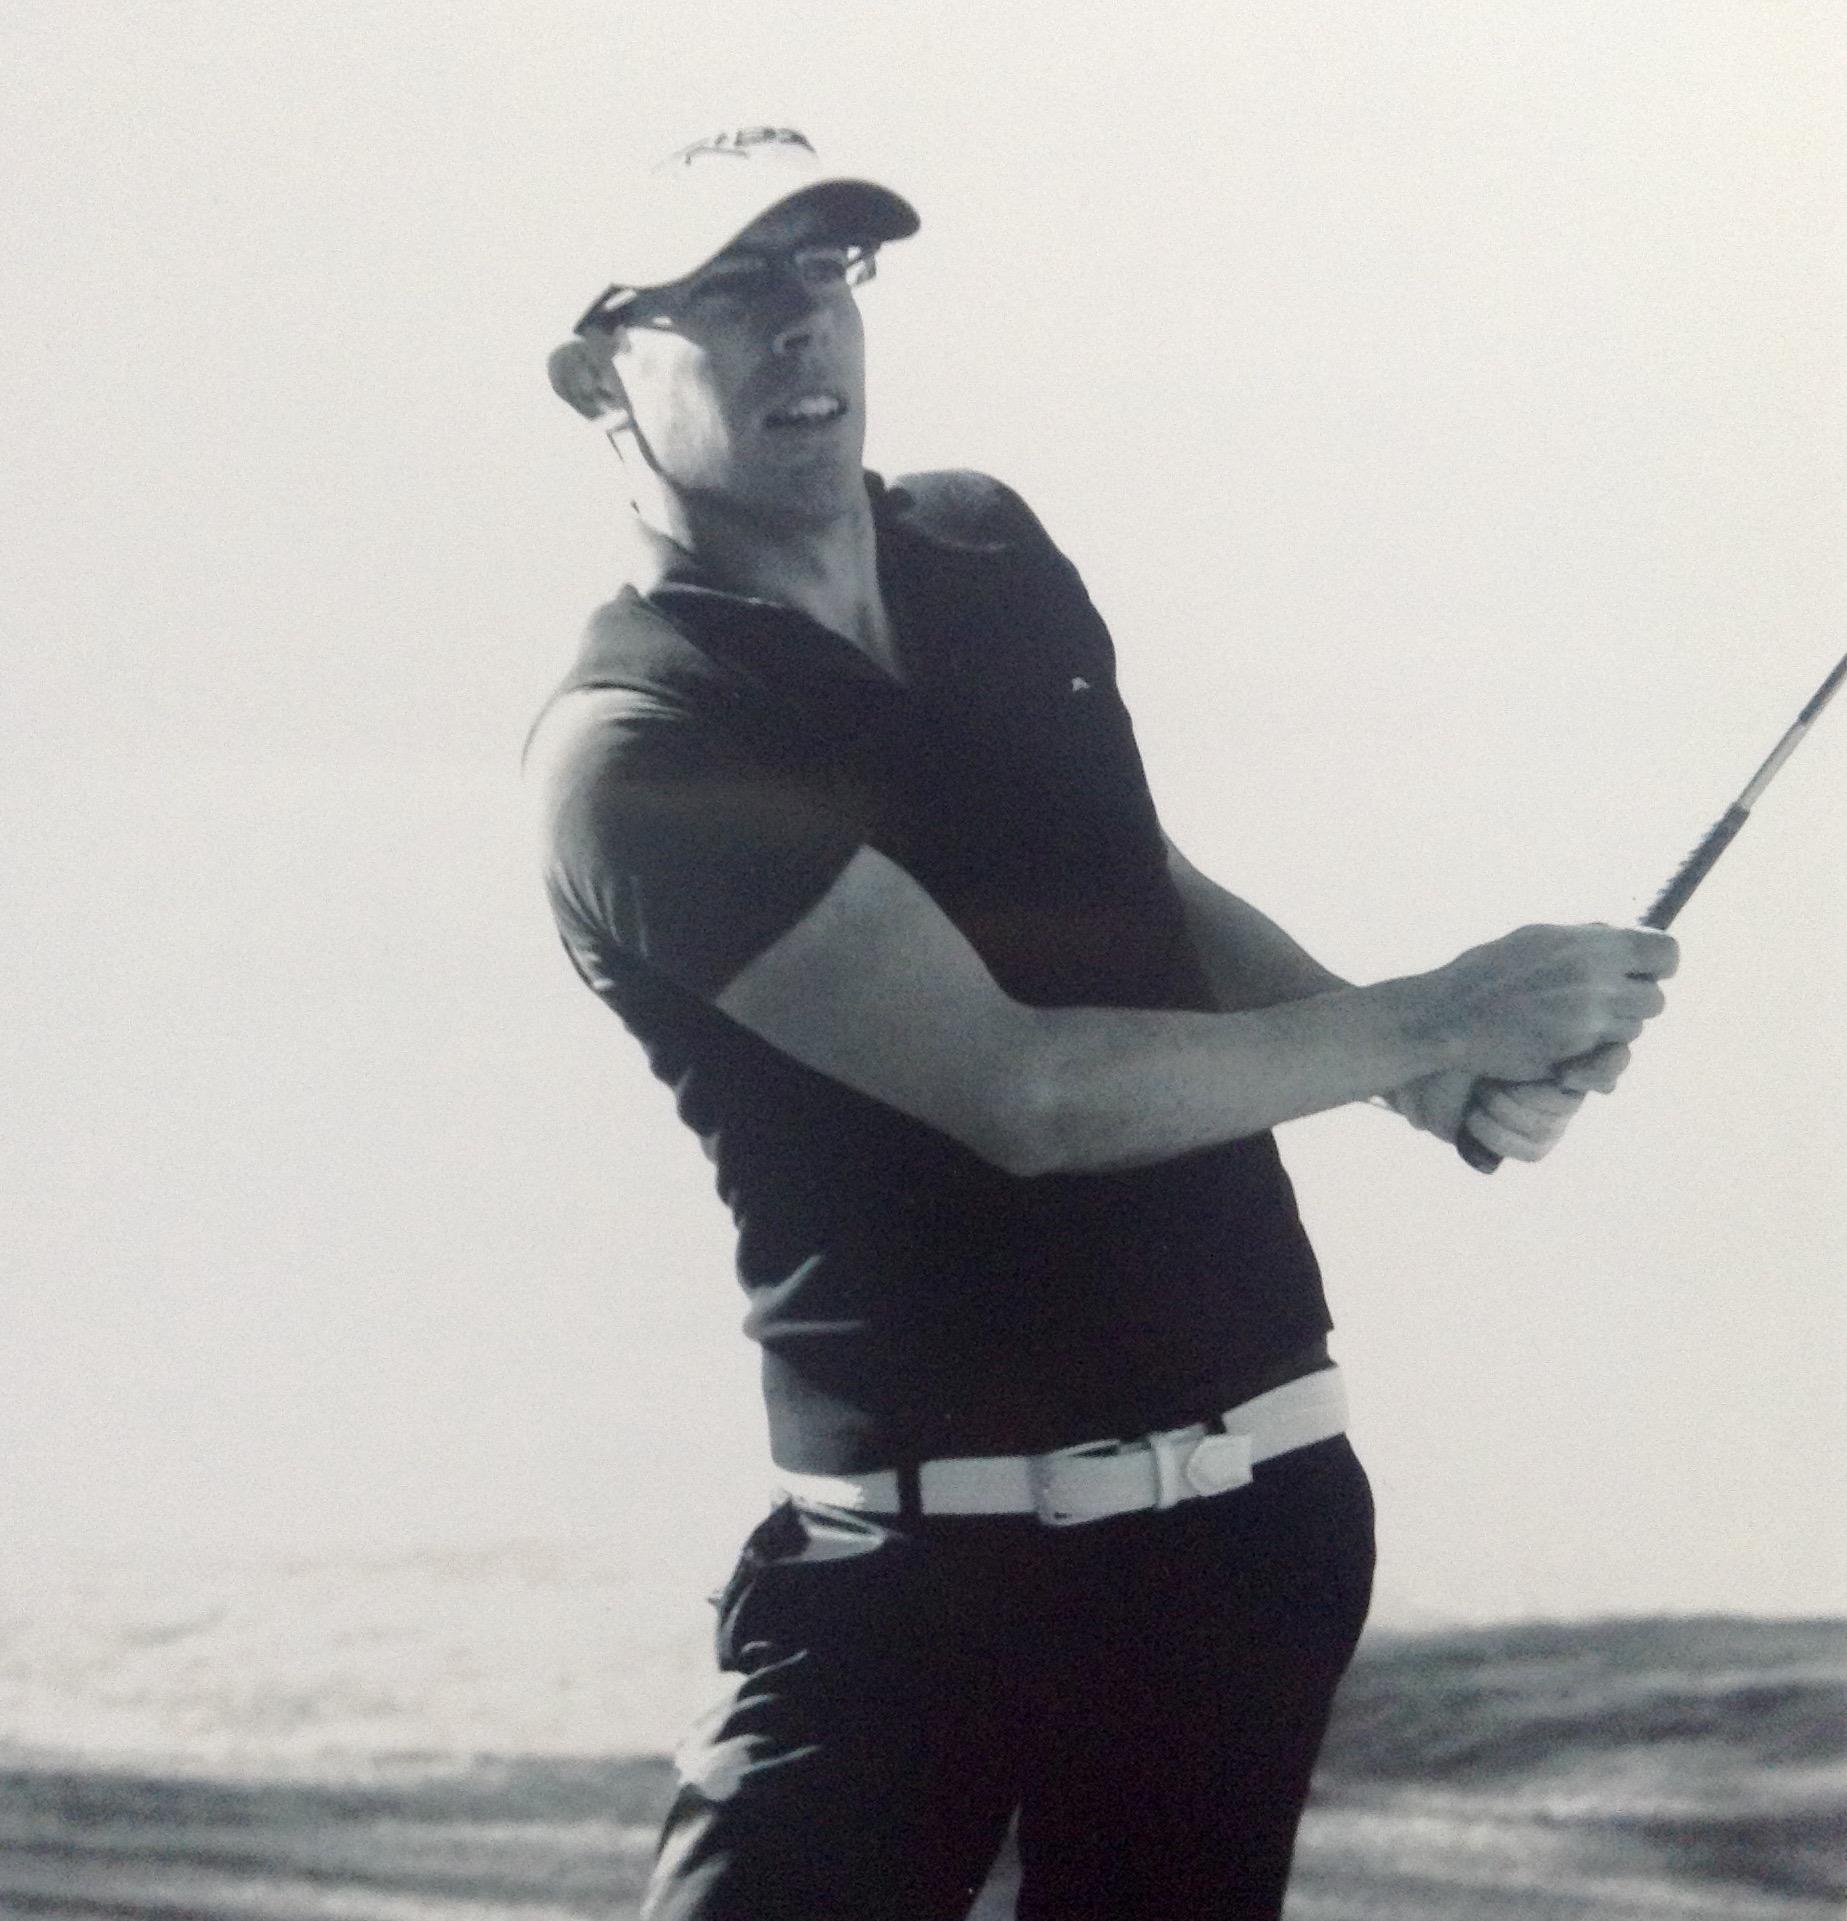 Avatar of golfer named Michael Lauper